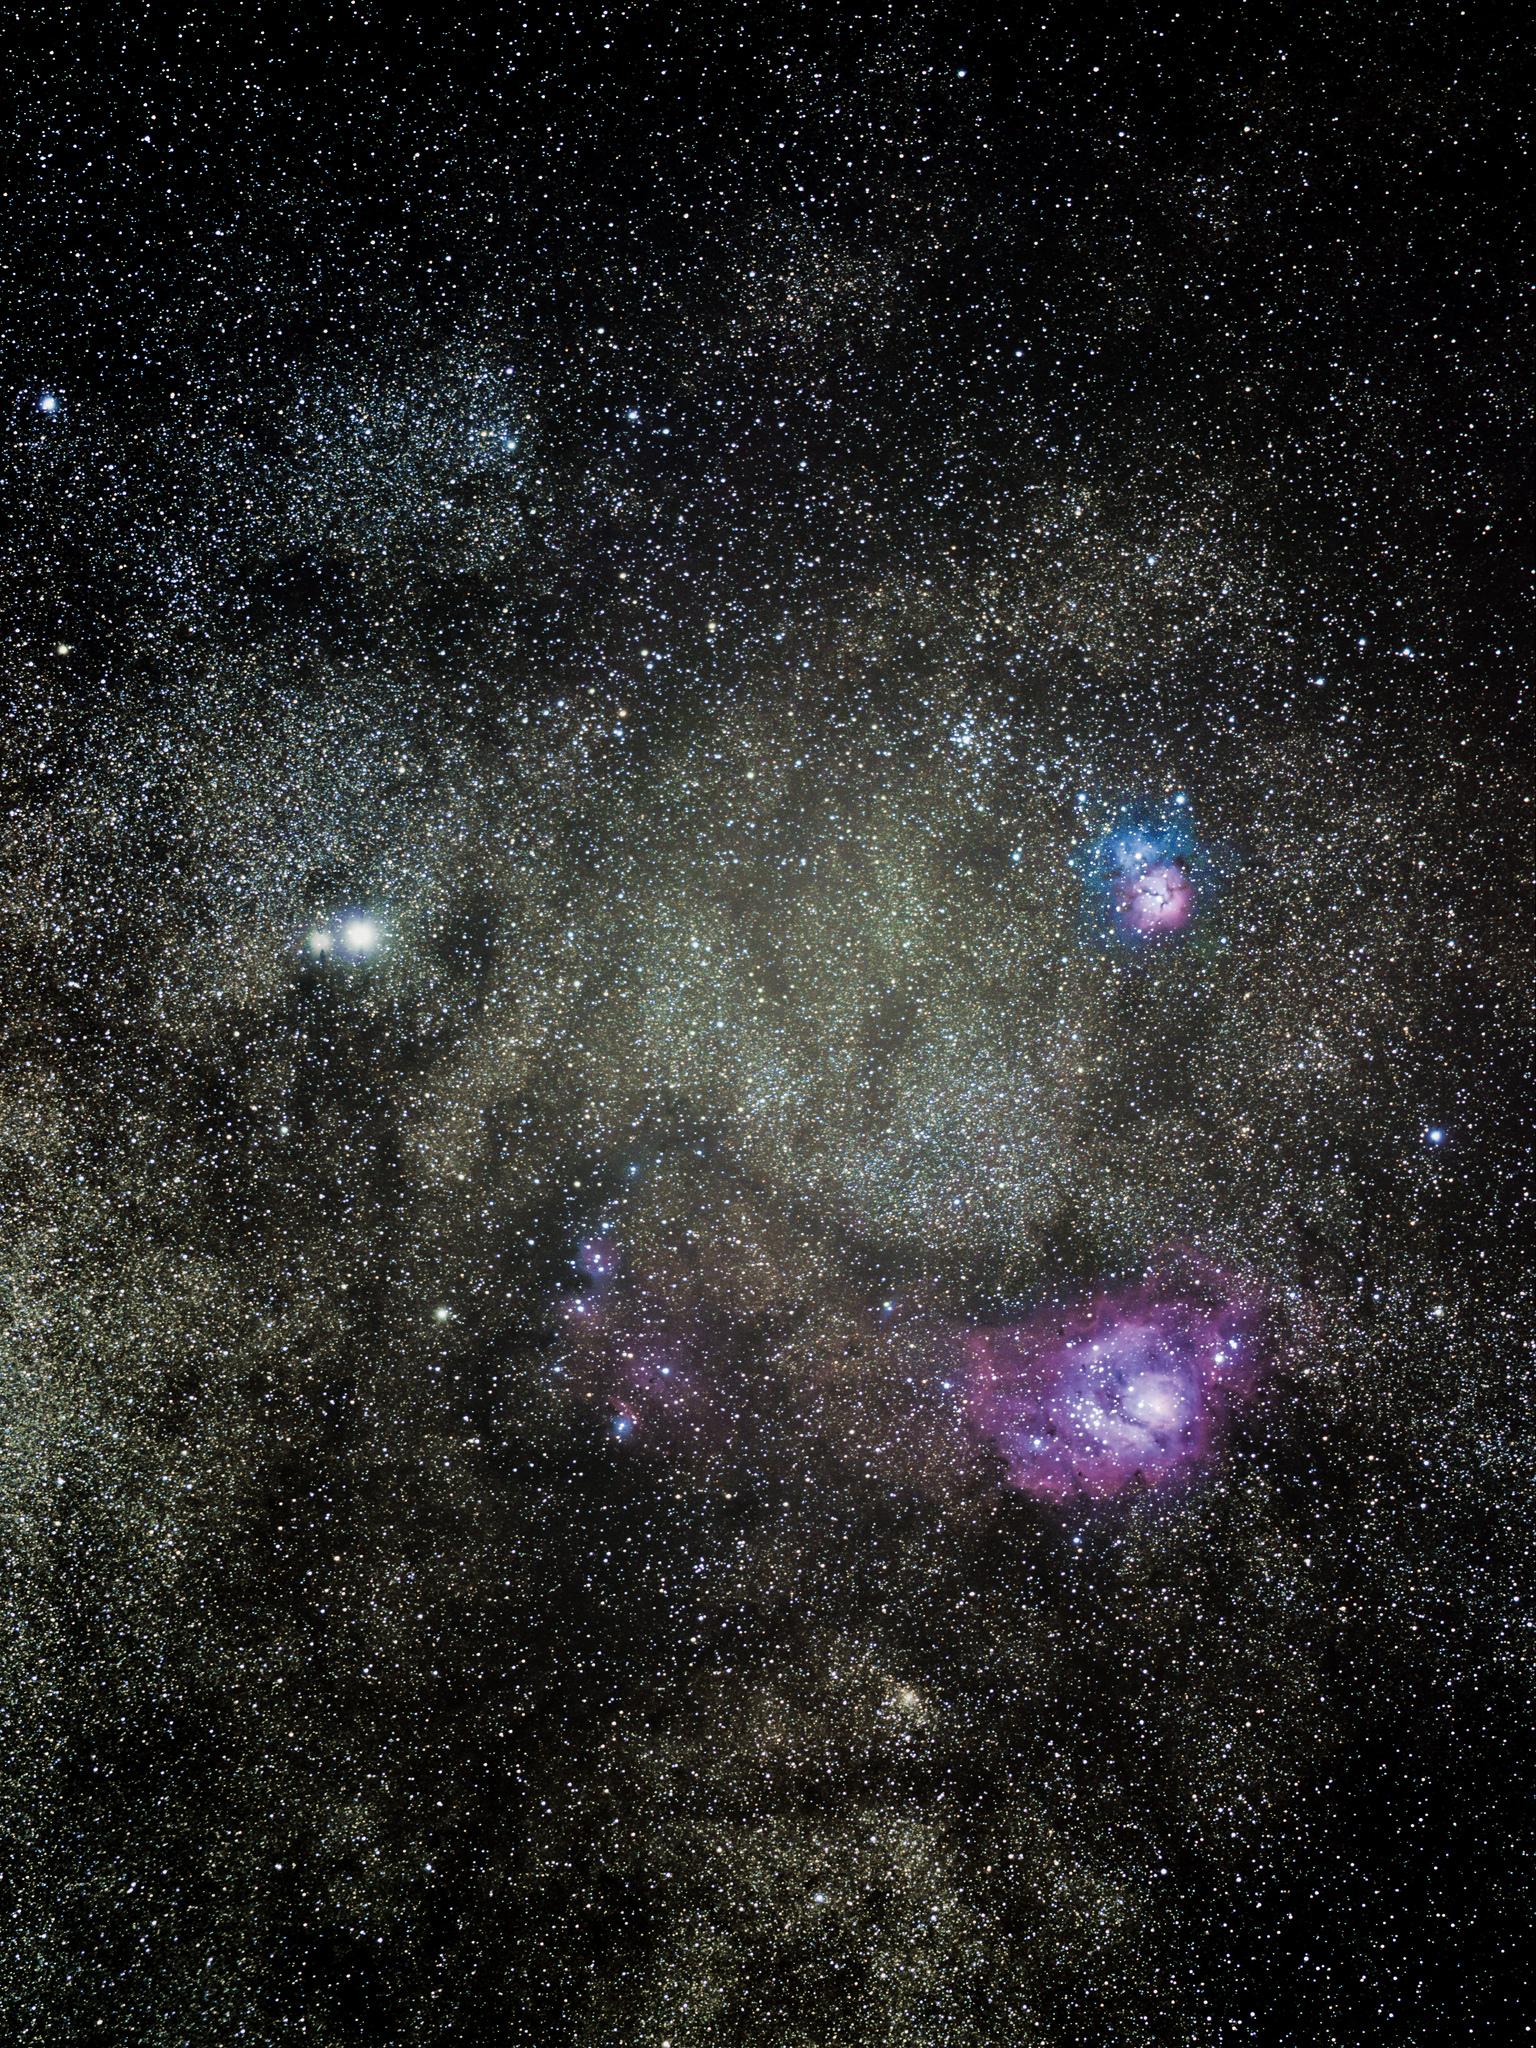 Lagoon and Trifid Nebula